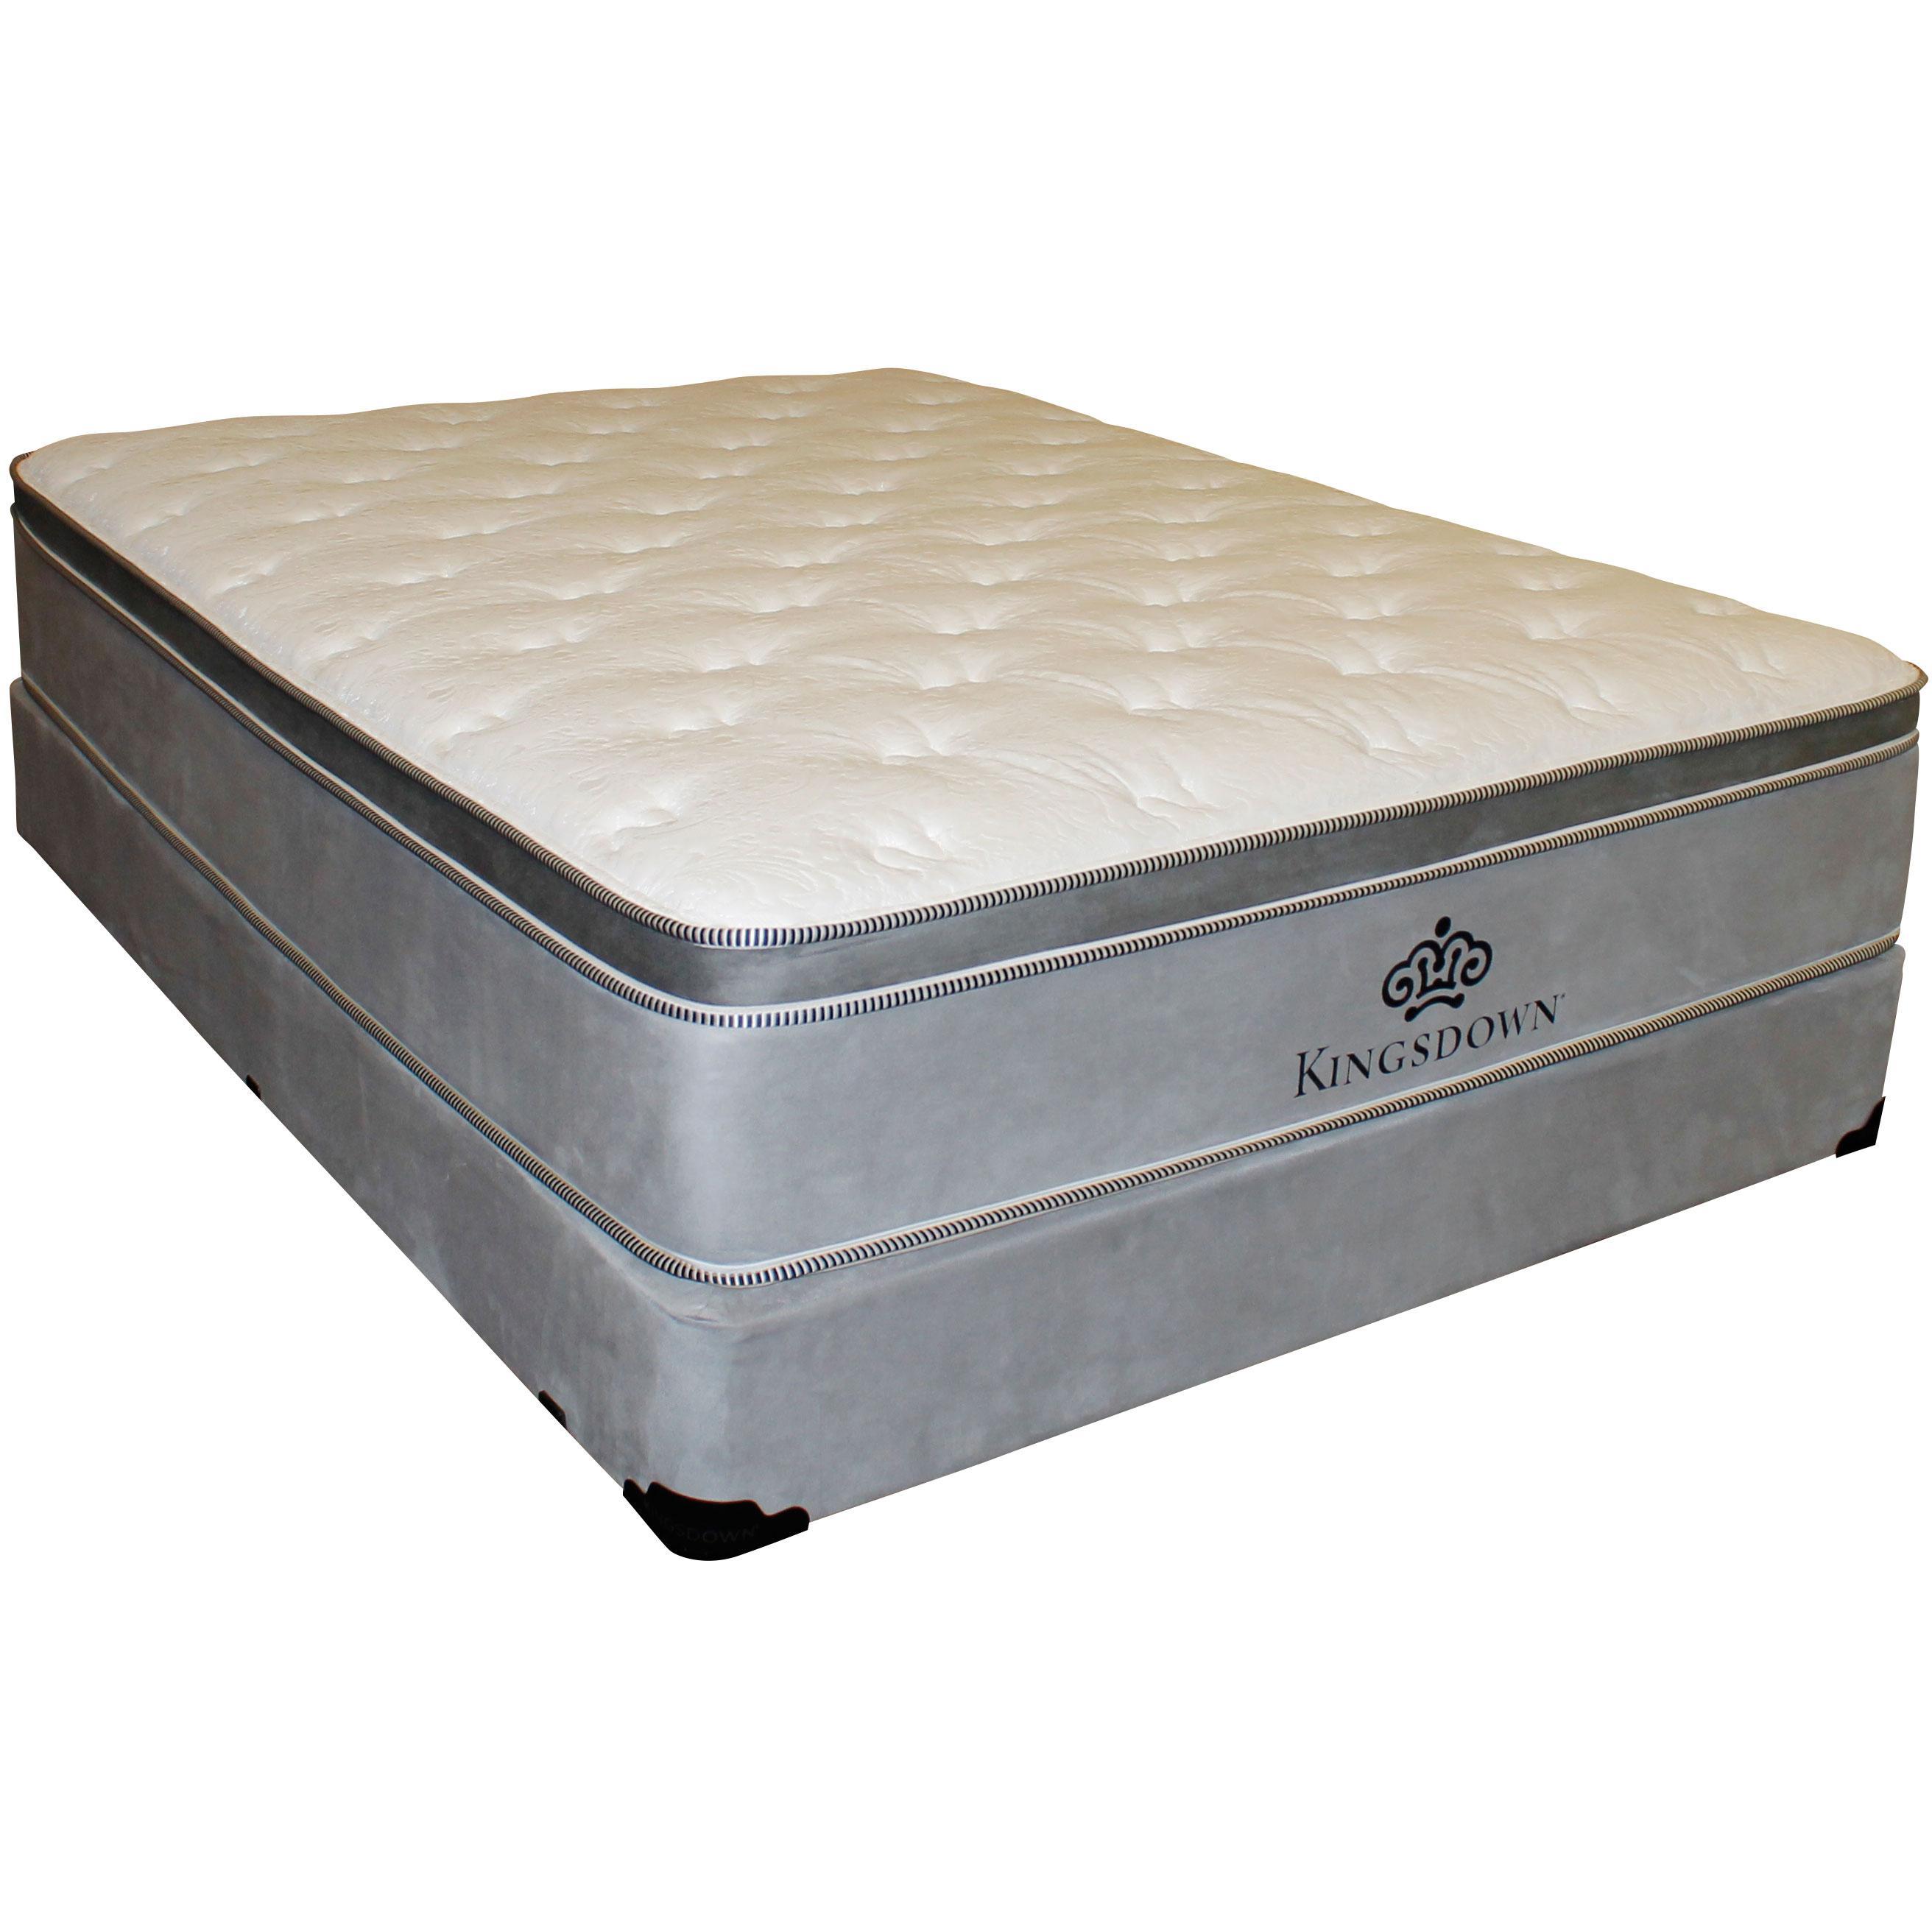 Kingsdown Anniversary Silver Queen Pillow Top Mattress - Item Number: PillowTop-Q